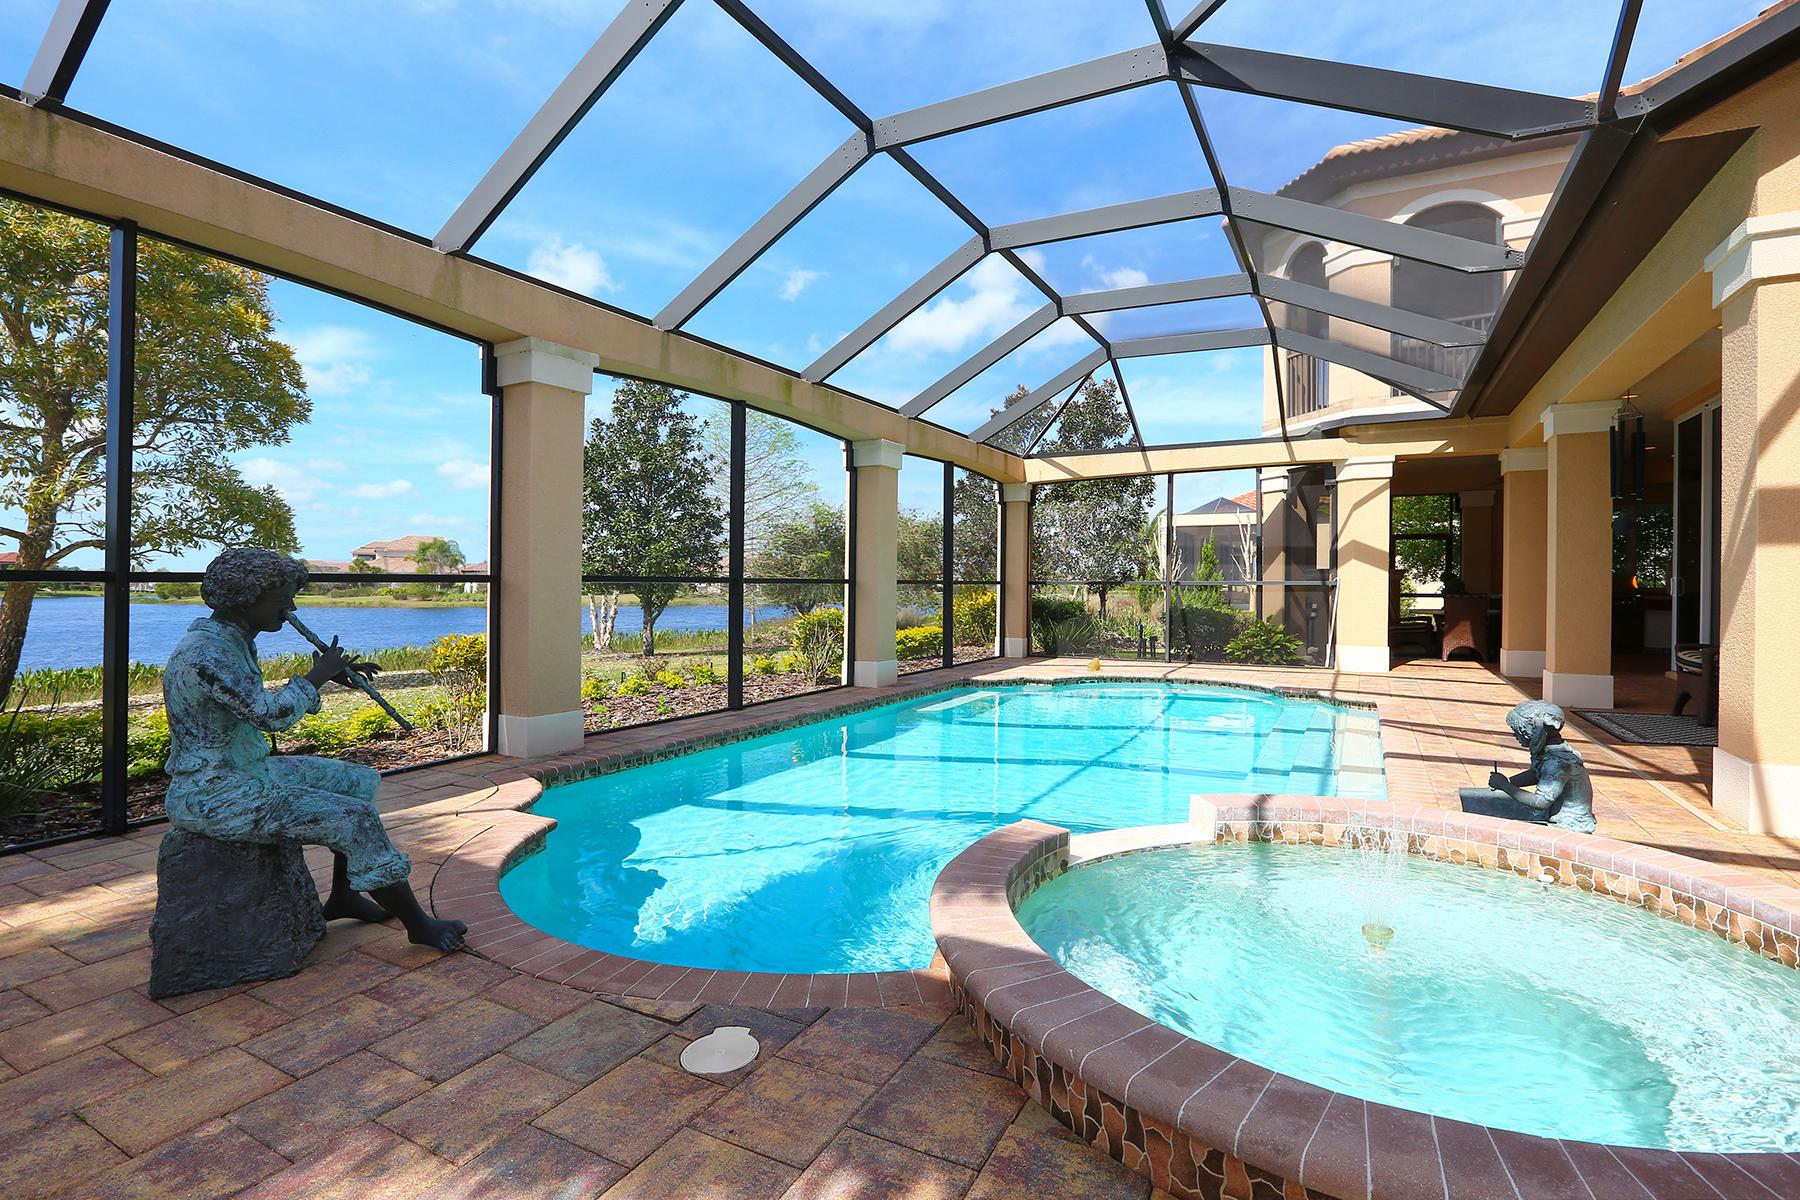 Casa Unifamiliar por un Venta en LAKE CLUB AT LAKEWOOD RANCH 16502 Clearlake Ave Lakewood Ranch, Florida 34202 Estados Unidos